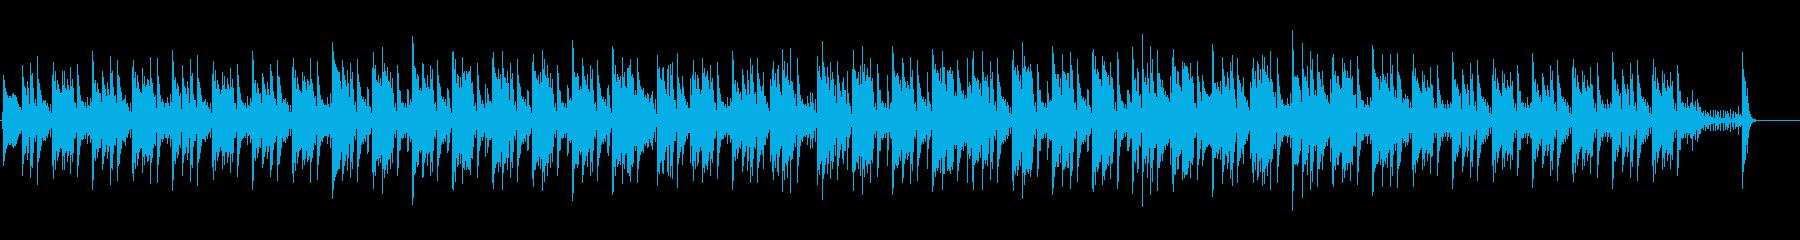 ラテン風のジャズの再生済みの波形